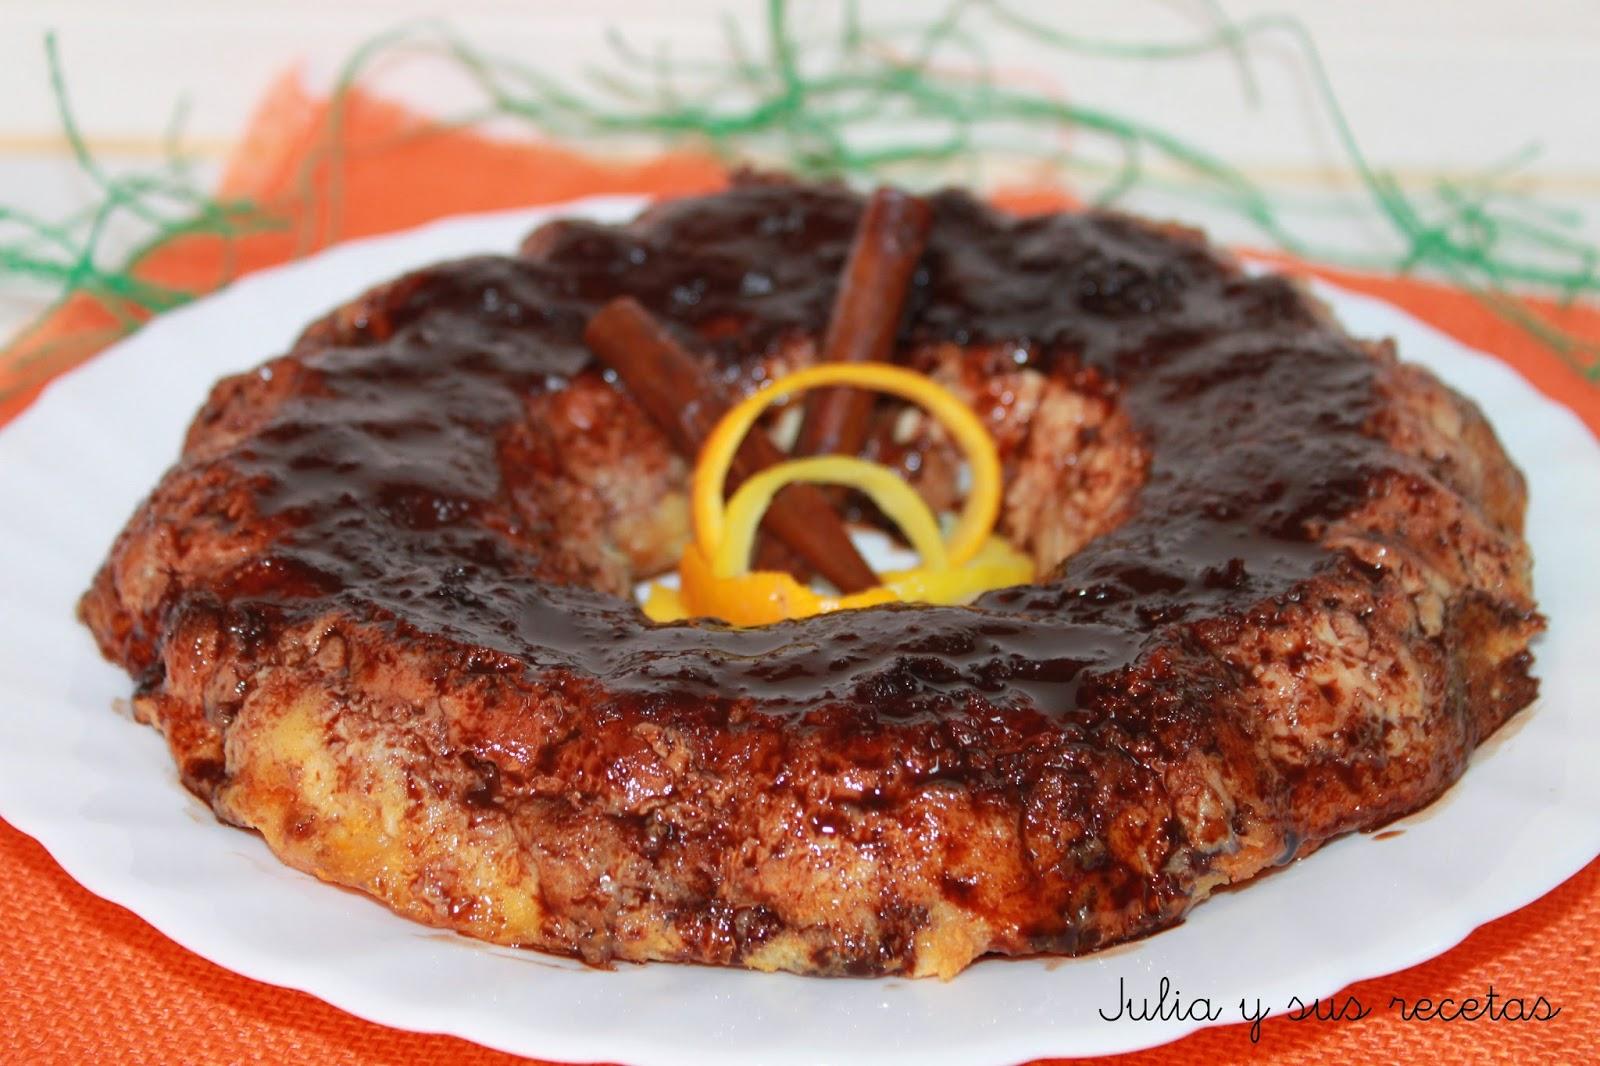 Pudin de pan con sirope de chocolate. Julia y sus recetas